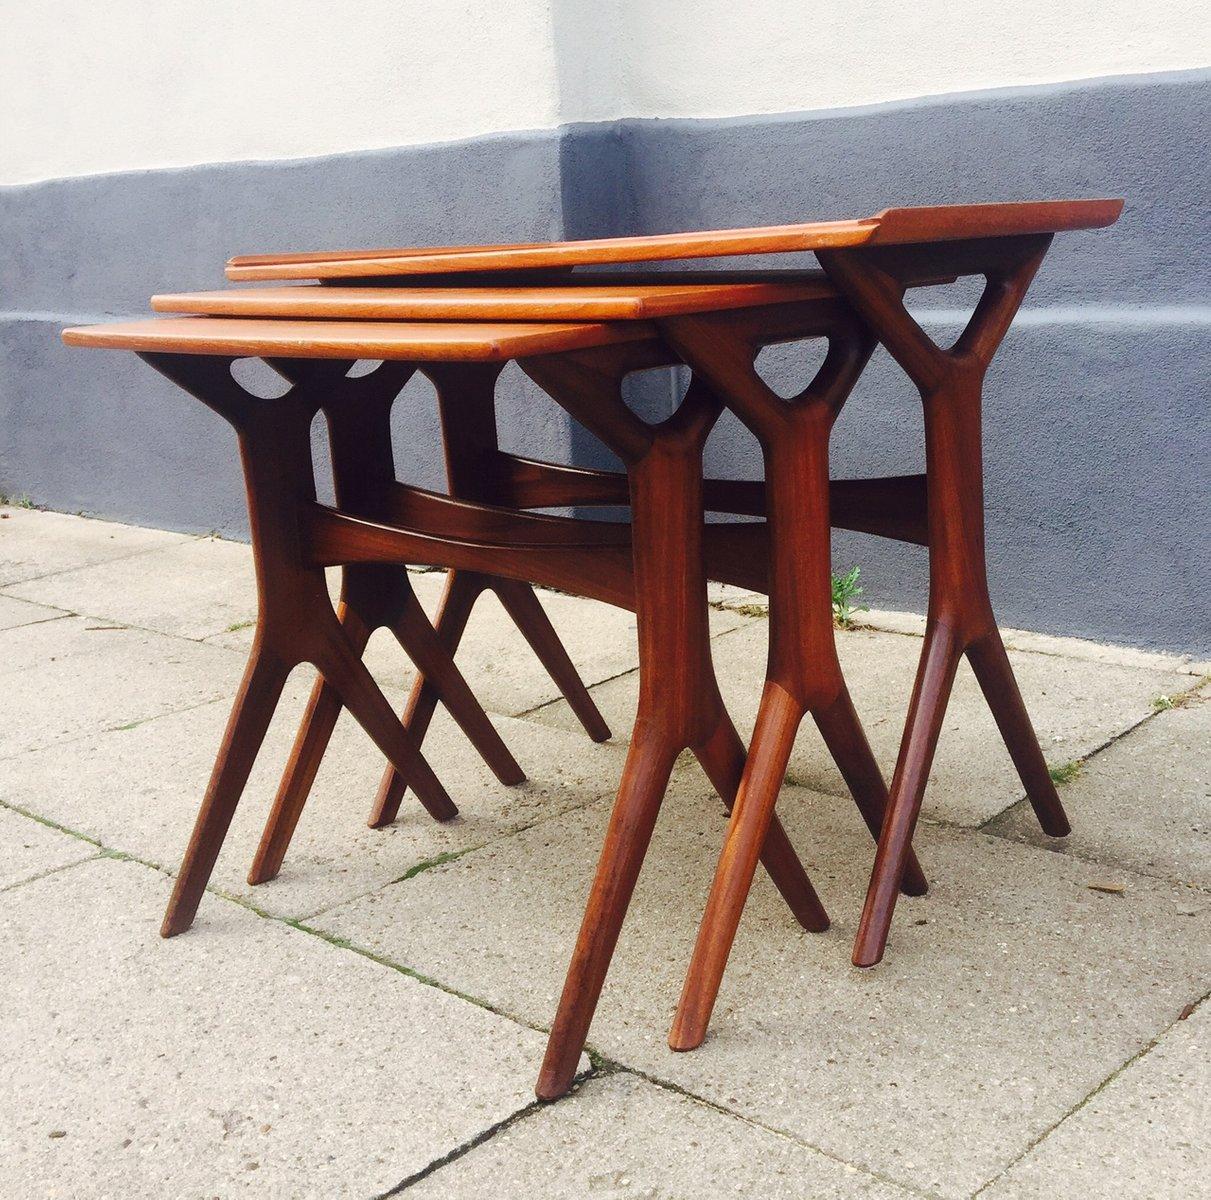 Danish Teak Nesting Tables By Johannes Andersen For CFC, 1960s